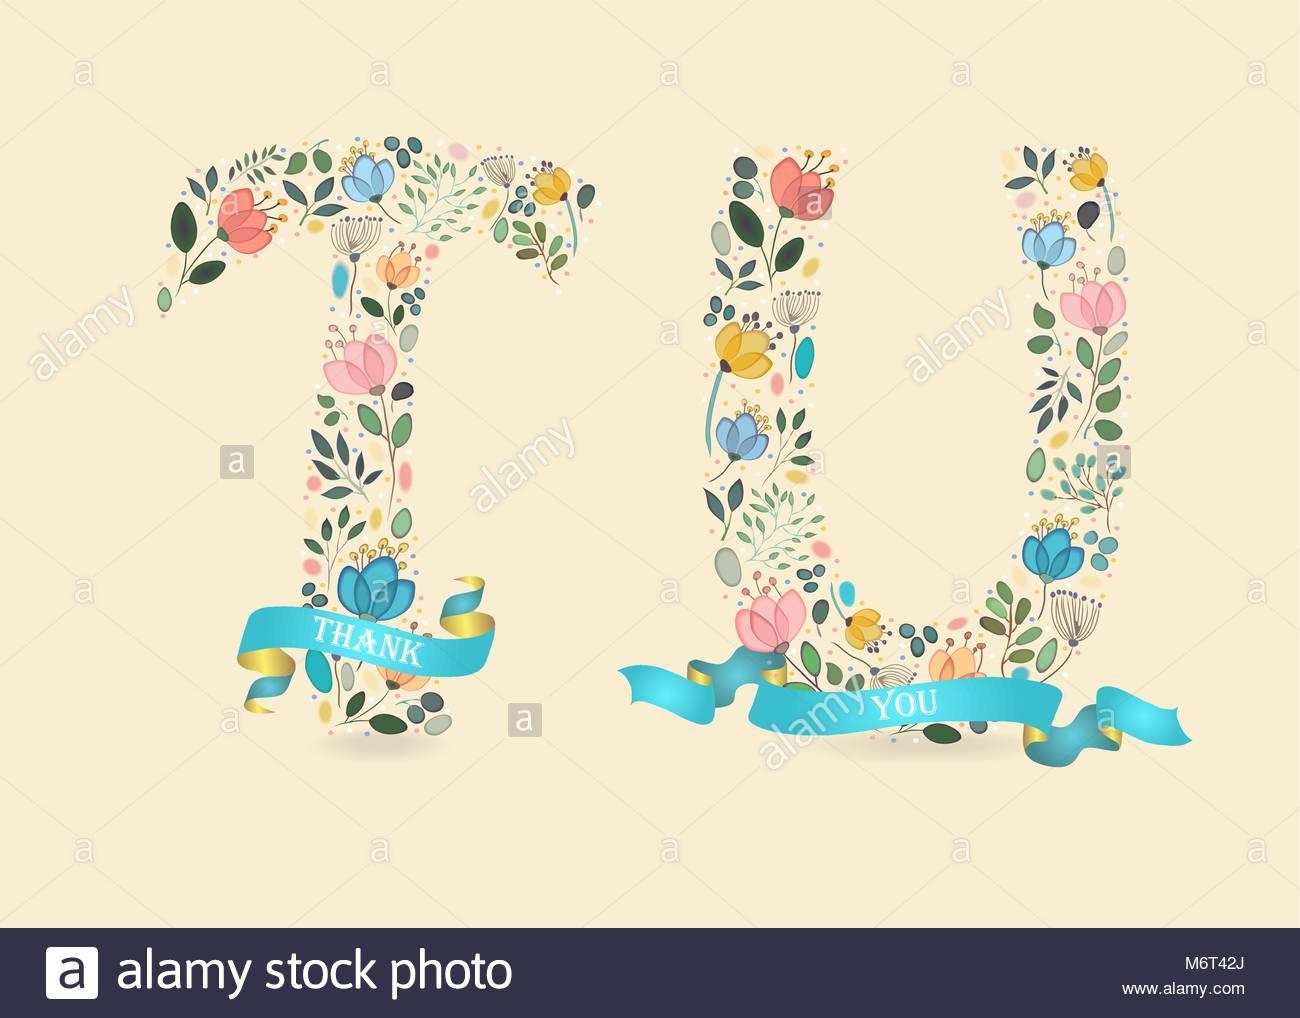 Gracias Notas Florales T Y U Acuarela Graciles Flores Y Plantas